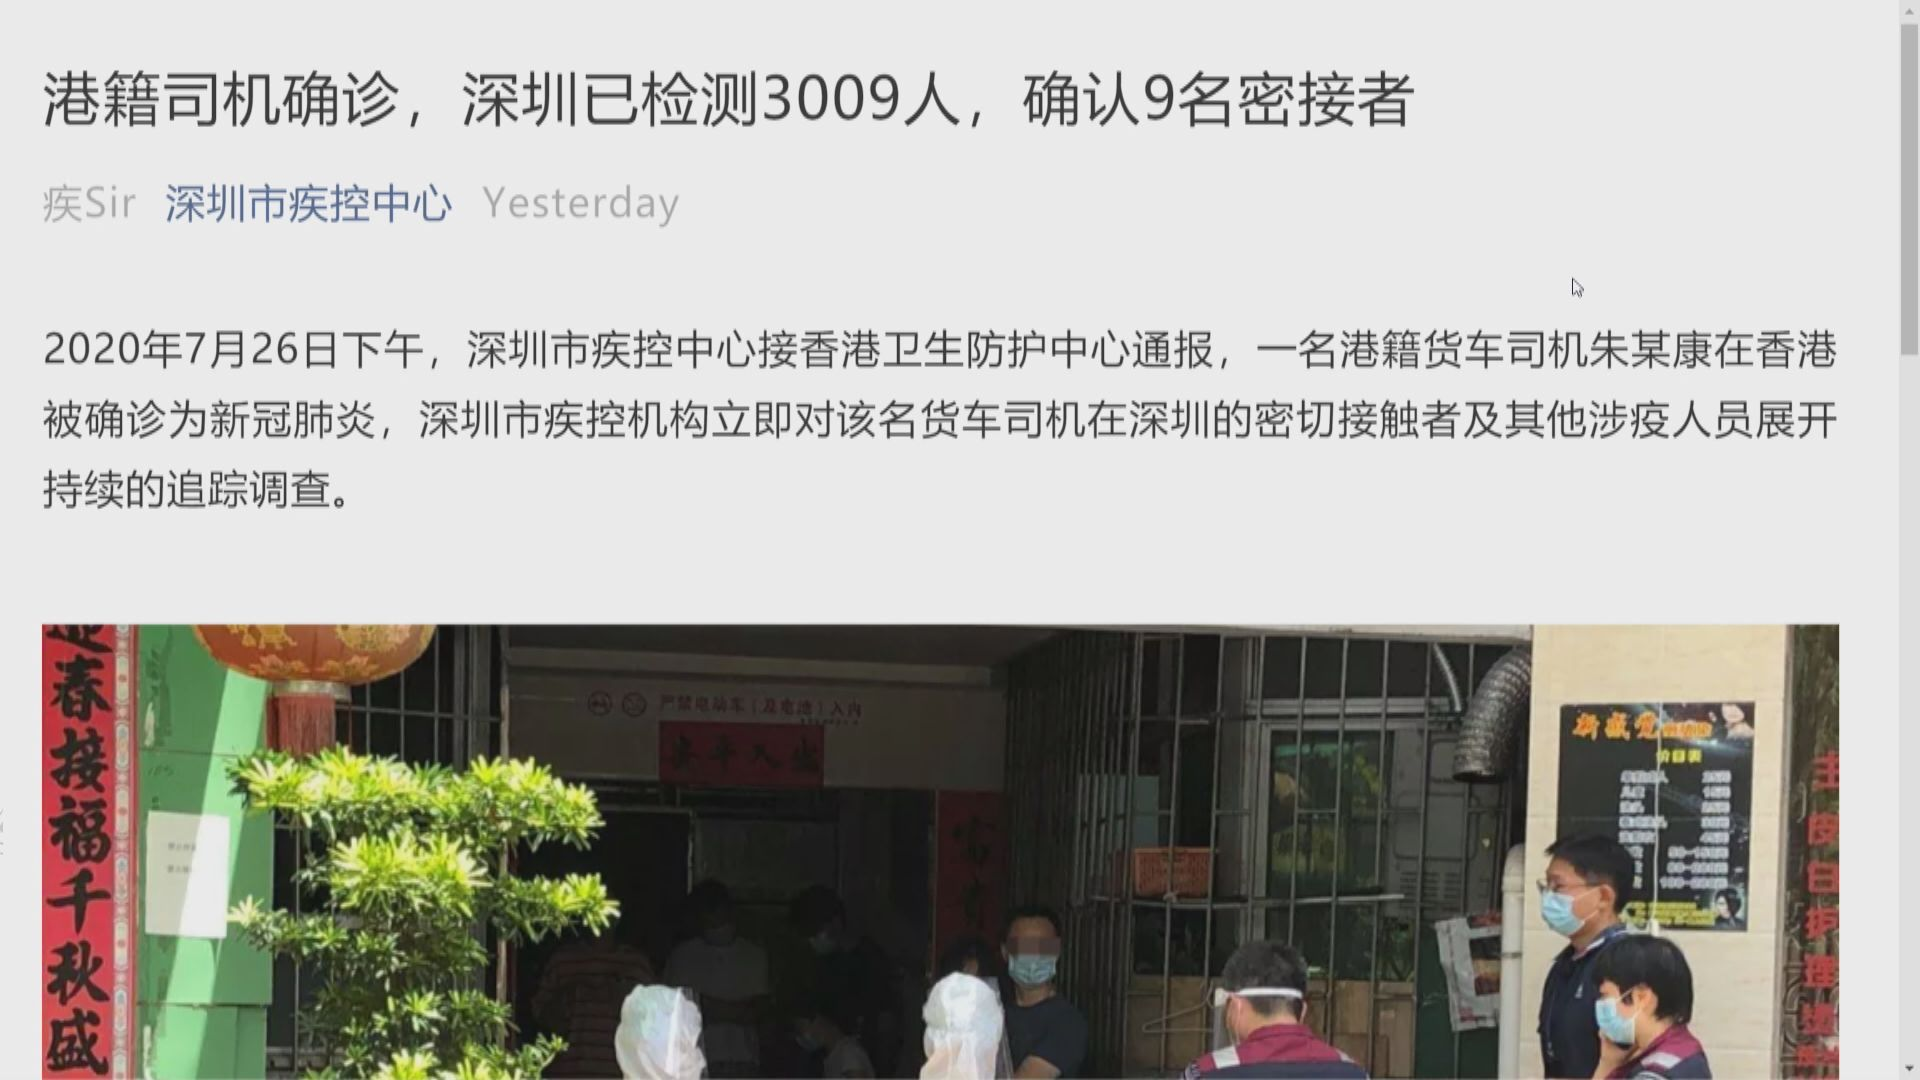 本港貨車司機確診 深圳檢測逾三千人